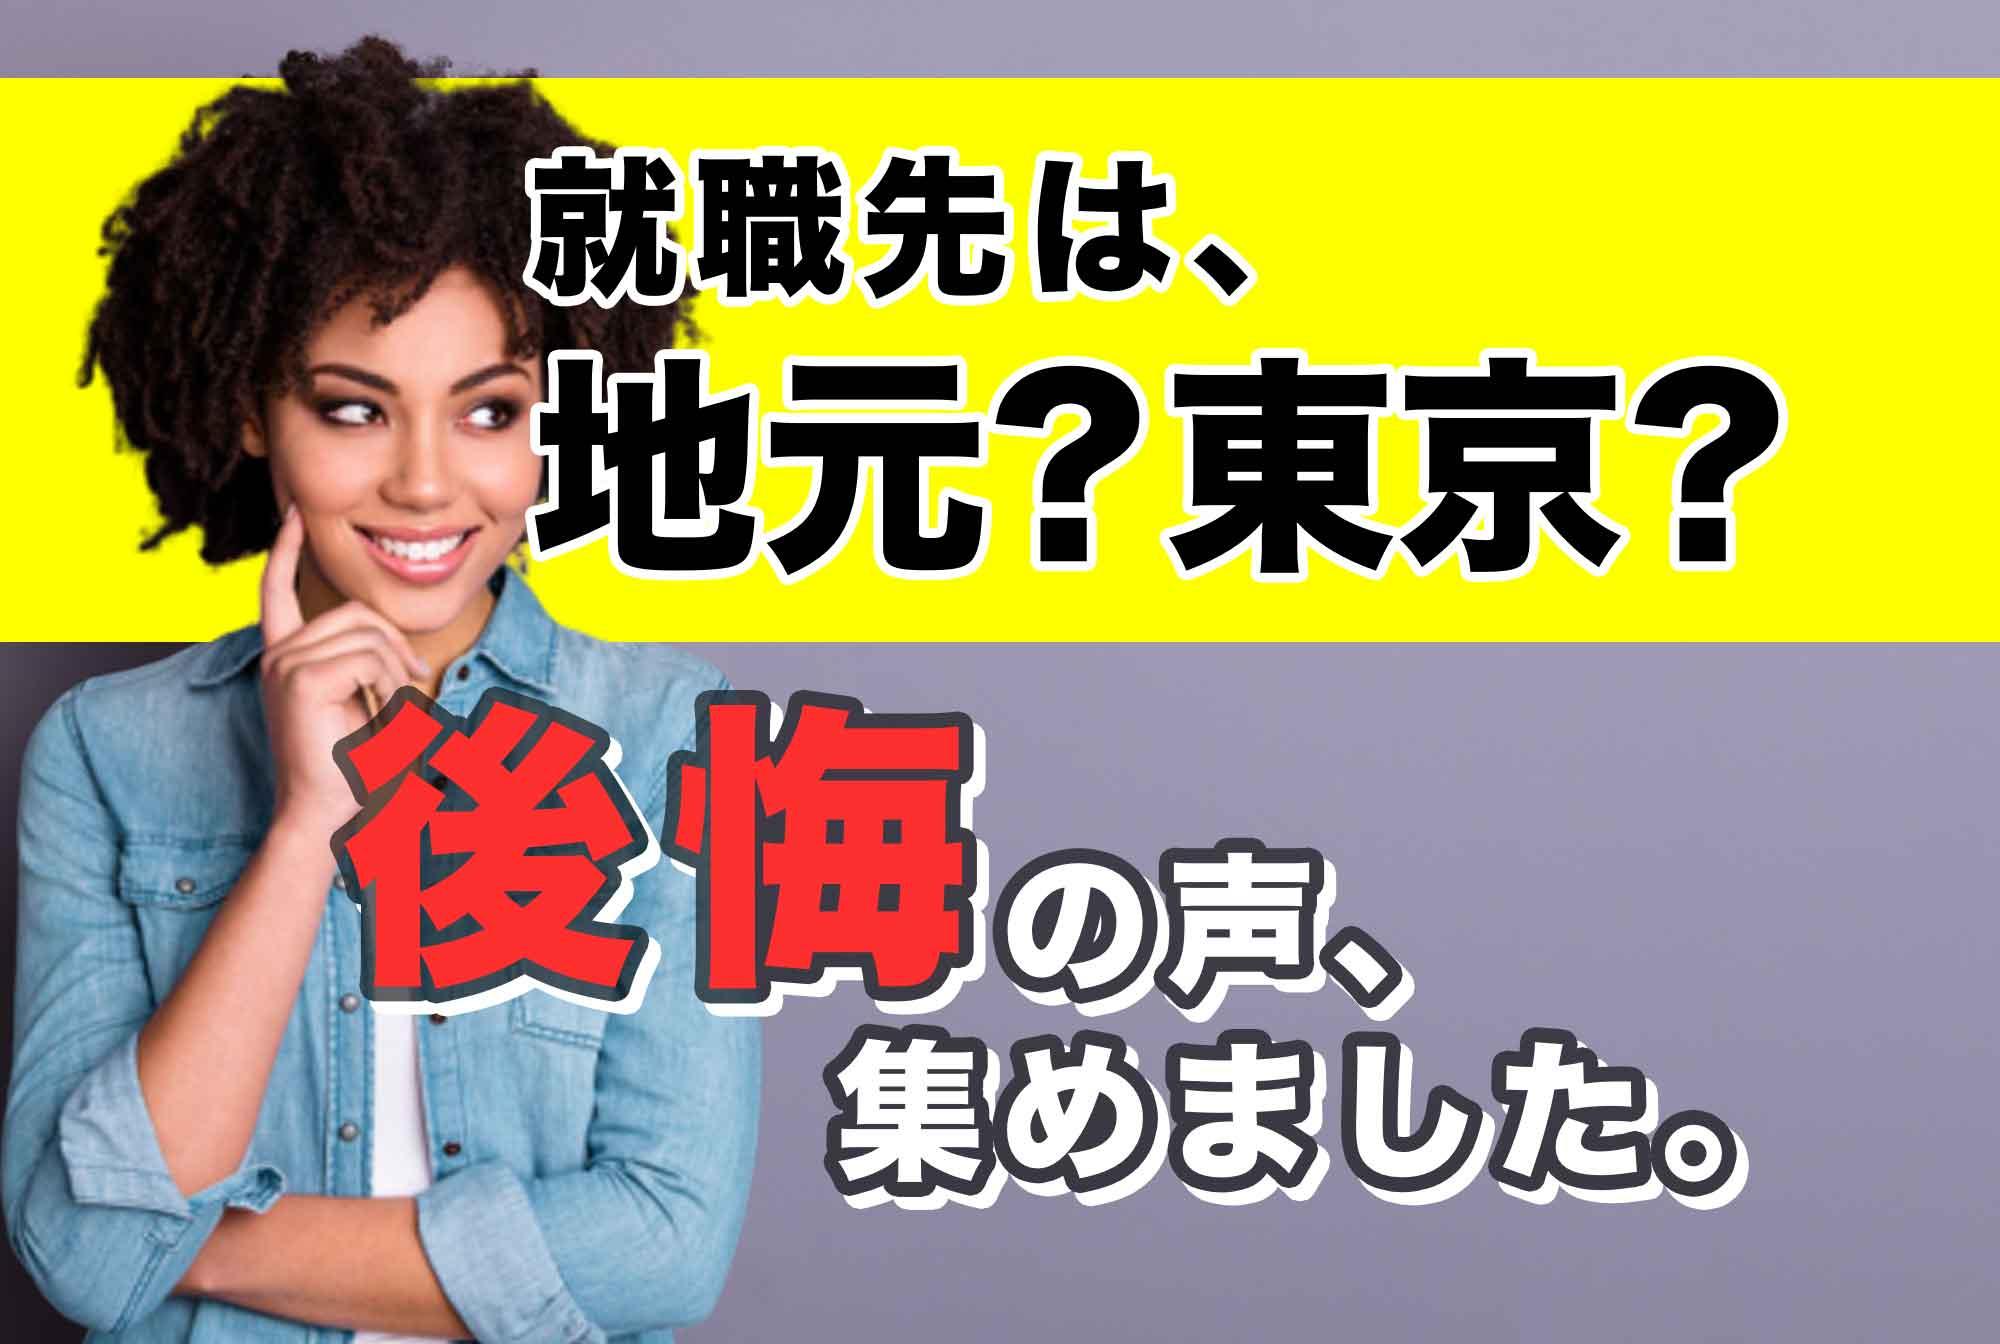 就職先は、地元?東京?後悔の声、集めました。